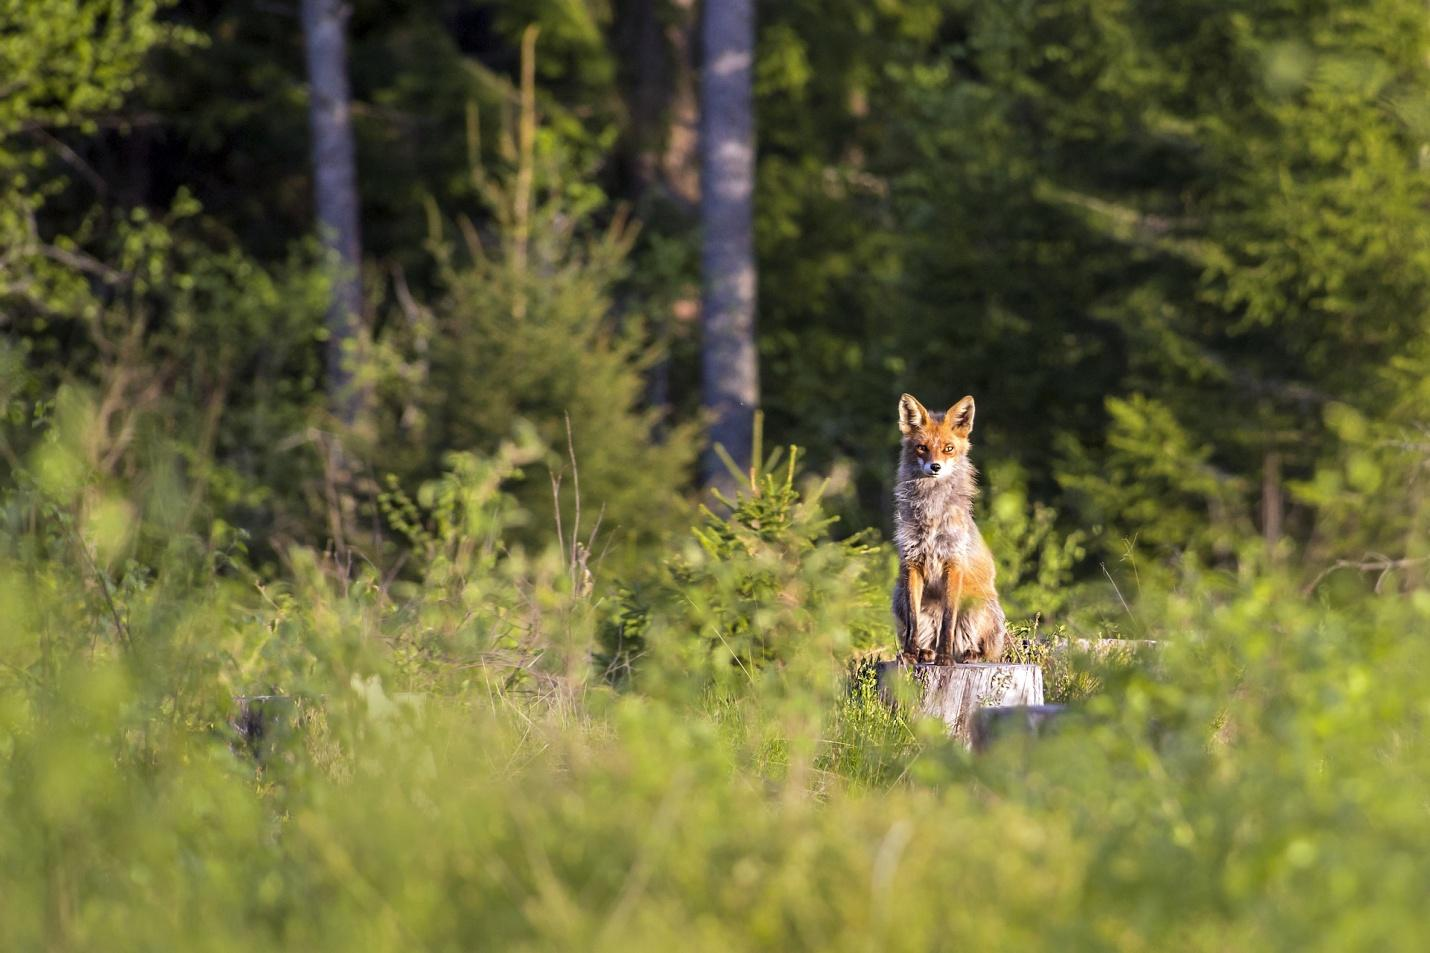 red-fox-4808560_1920.jpg